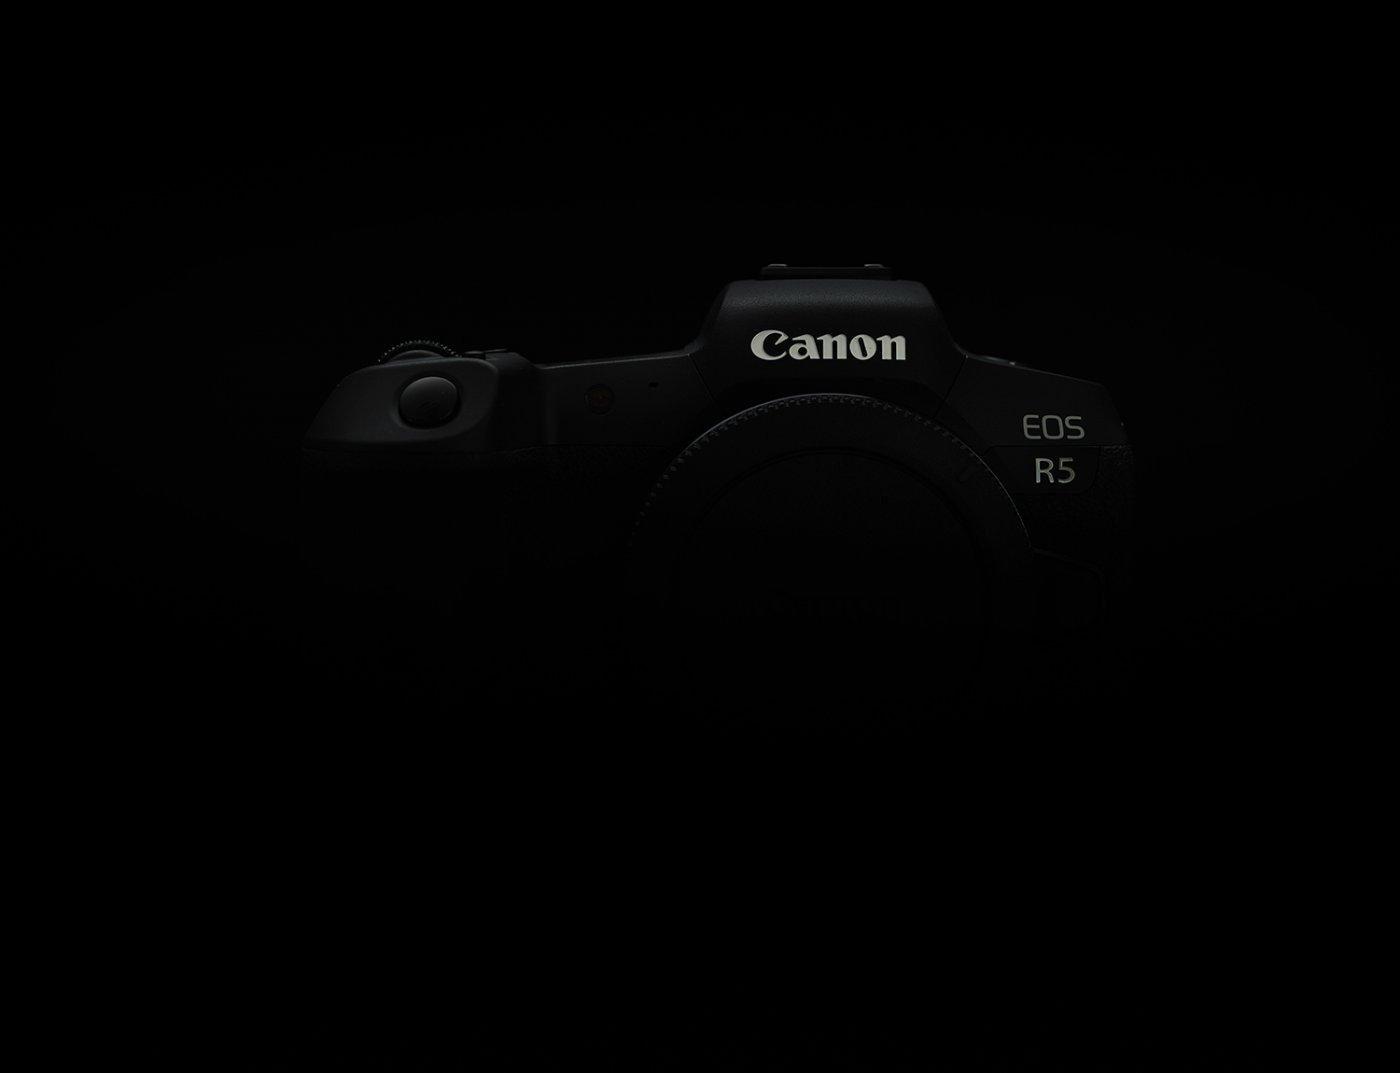 25-05-2021-Cano-R531155-kopieren